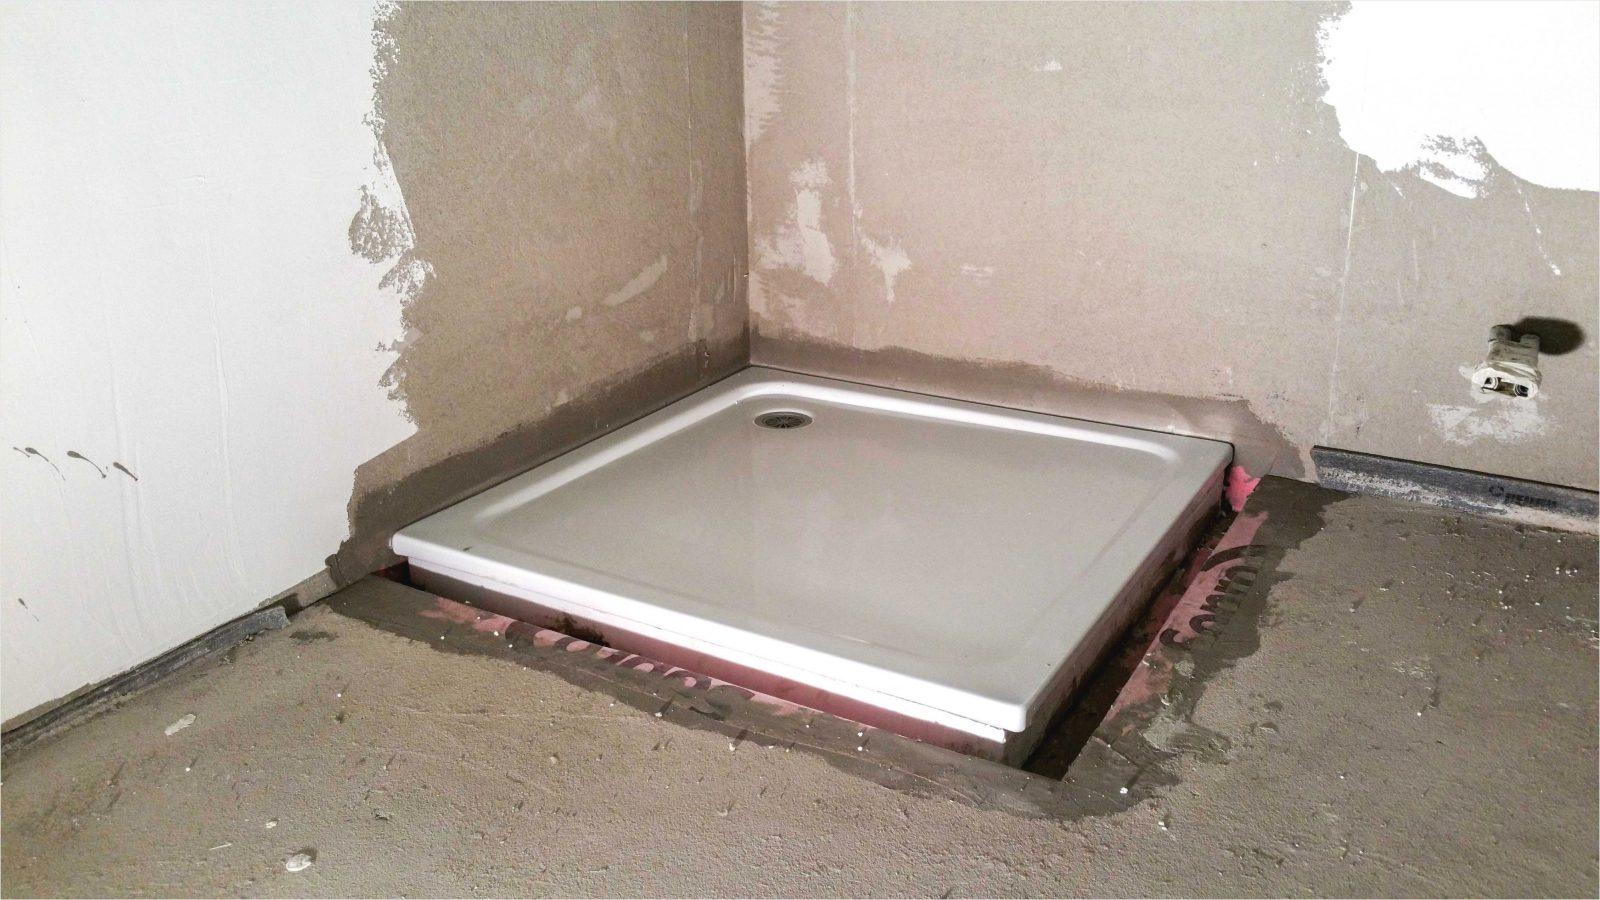 Spannende Sitzbank Dusche Selber Bauen Cheap Ebenerdige Dusche Avec von Sitzbank Dusche Selber Bauen Bild